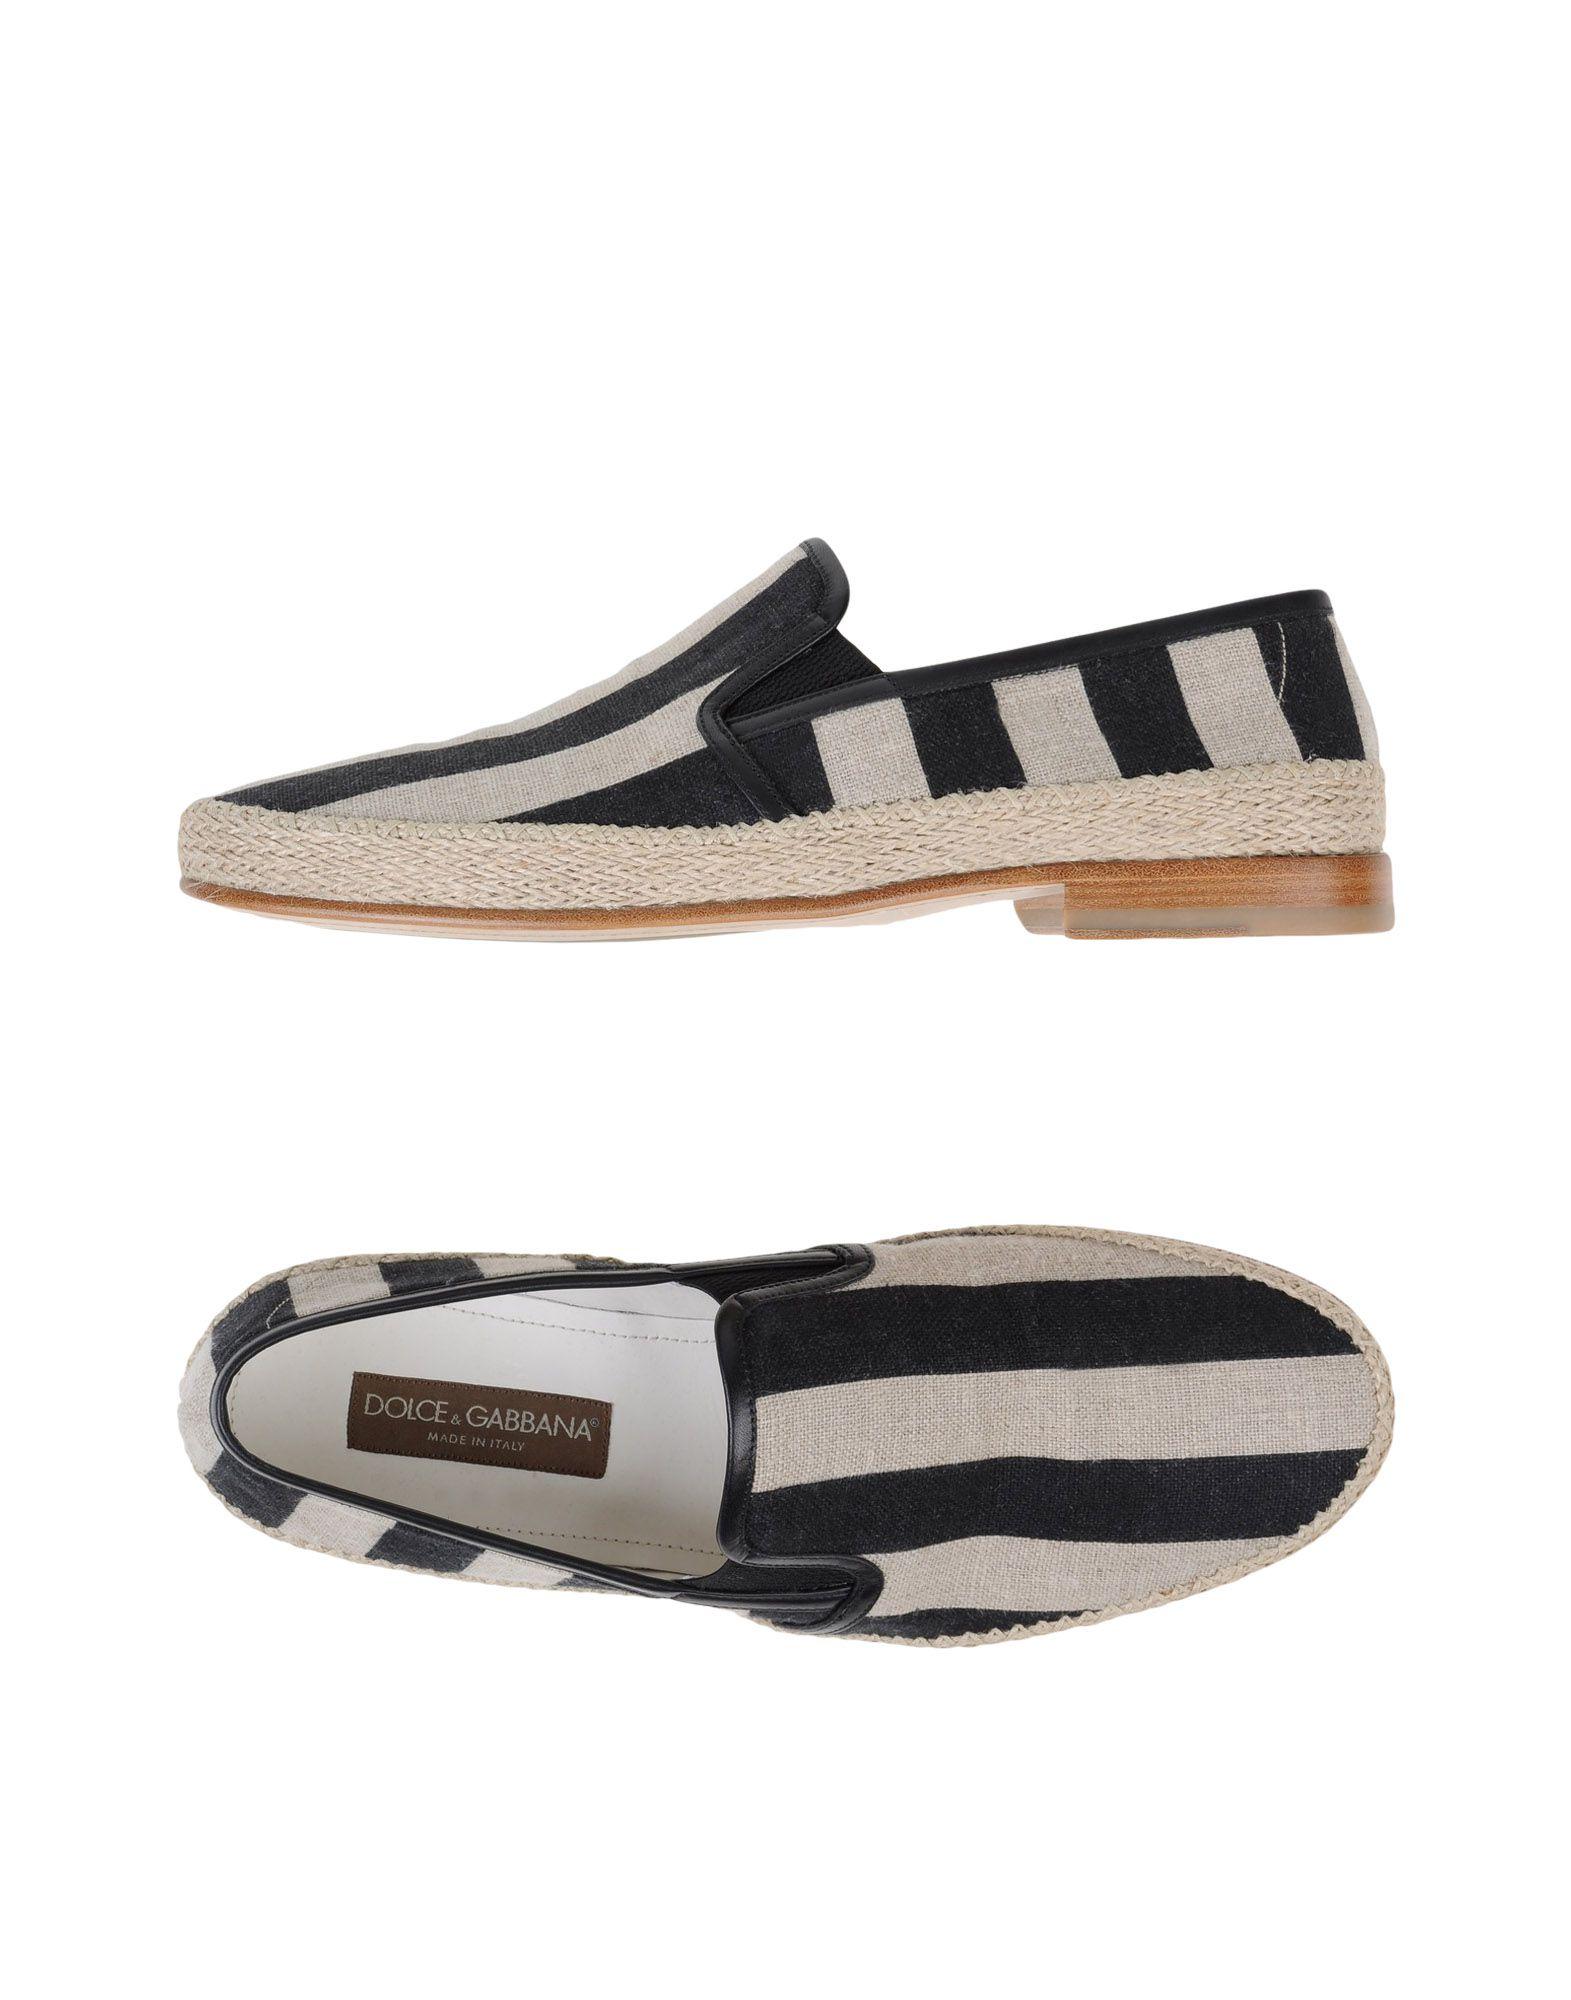 Dolce & Gabbana Espadrilles Herren  11133089LO Gute Qualität beliebte Schuhe